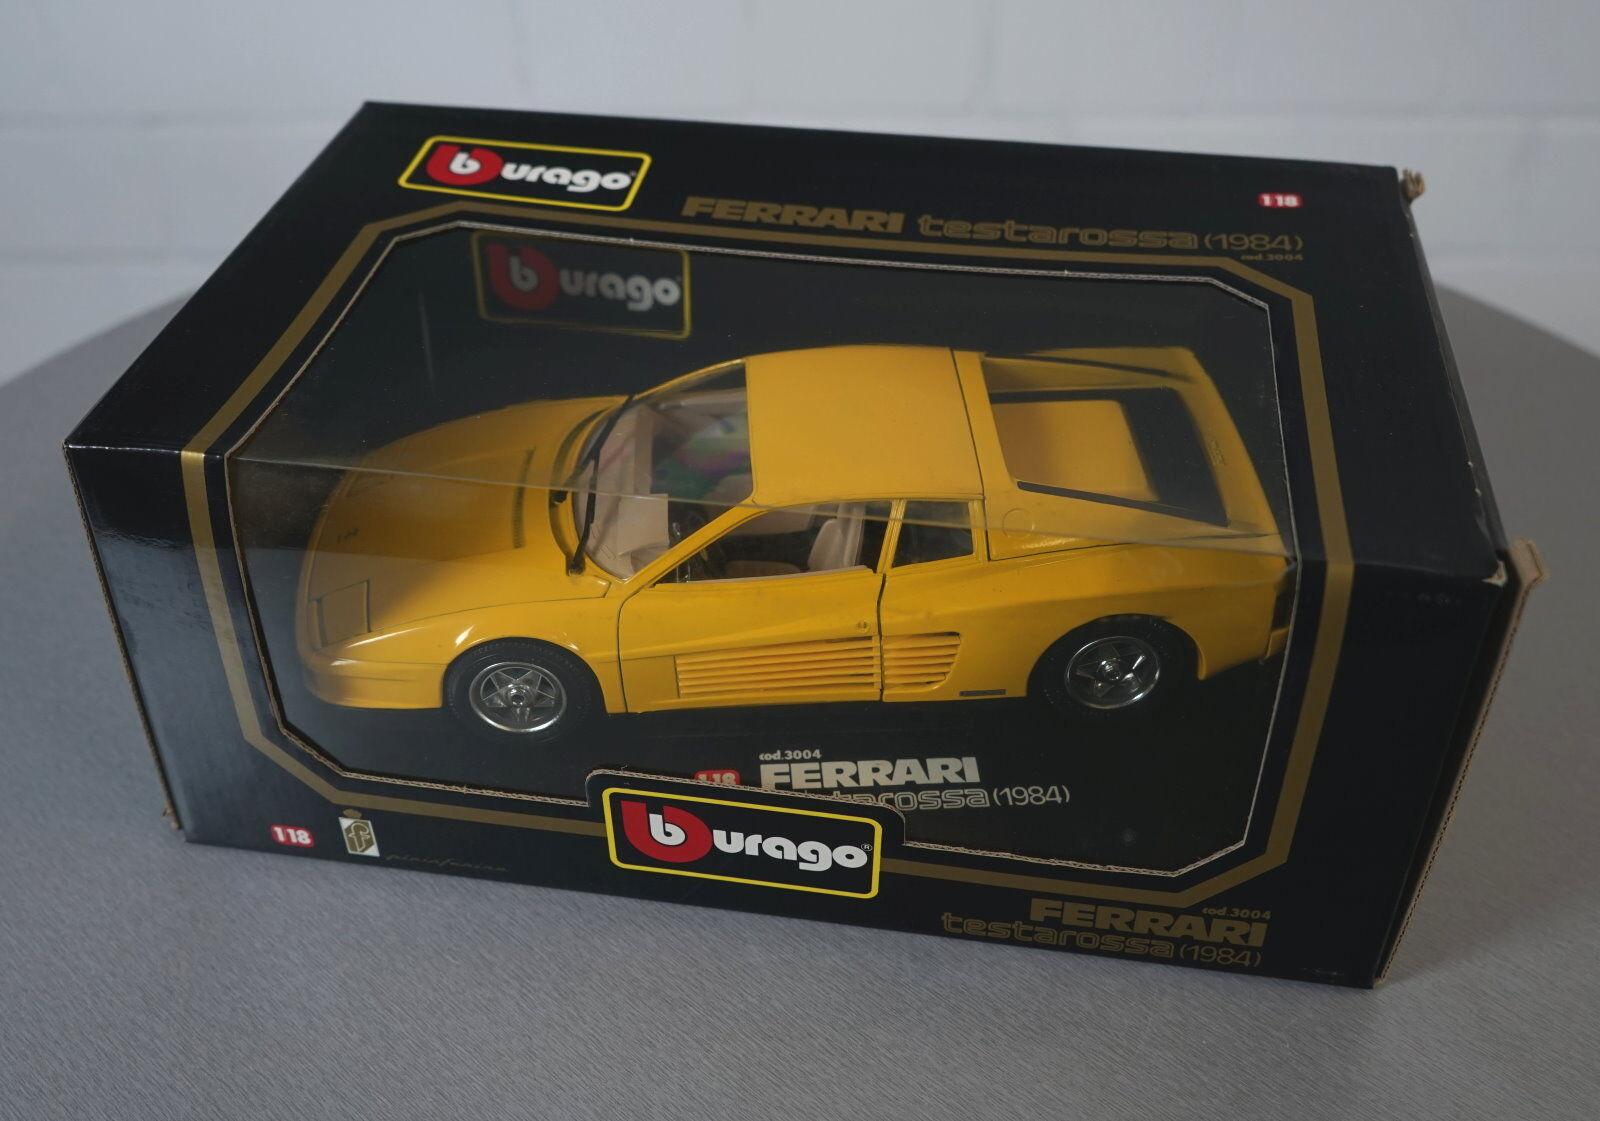 Burago 1 18  Ferrari 250 Testarossa (1984) jaune 3004 Die-Cast Modellauto NEU OVP  nouveau sadie